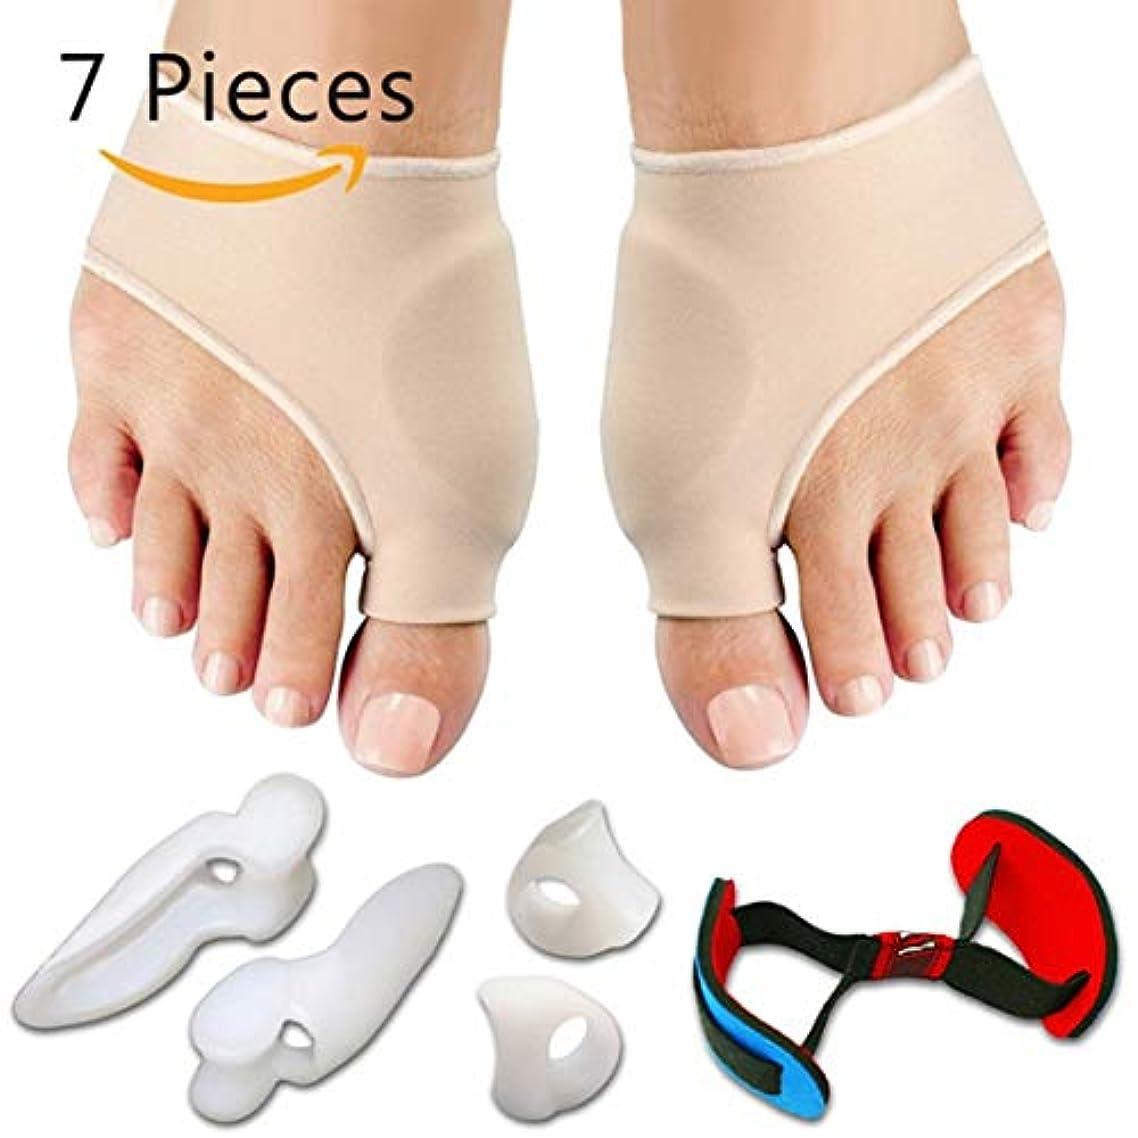 中世の図才能のある7PCS / SET腱膜瘤スリーブ外反母gus矯正器足指セパレーター中足骨副木装具疼痛緩和フットケアツール(ベージュイエロー)